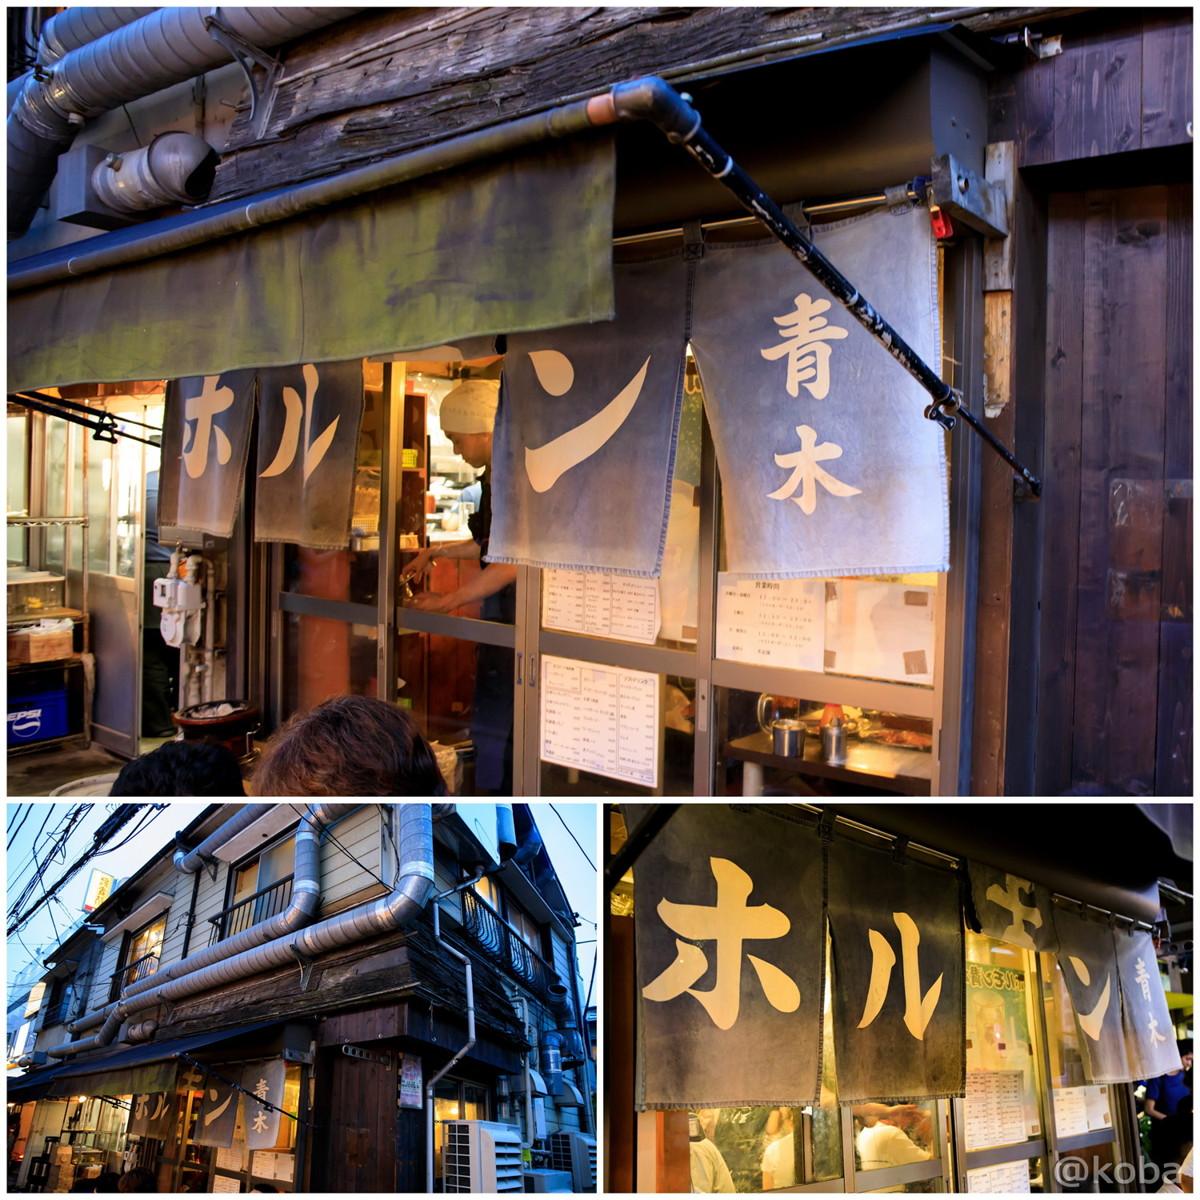 暖簾の写真│ホルモン青木 2号店│ホルモン・焼肉│東京│亀戸ブログ